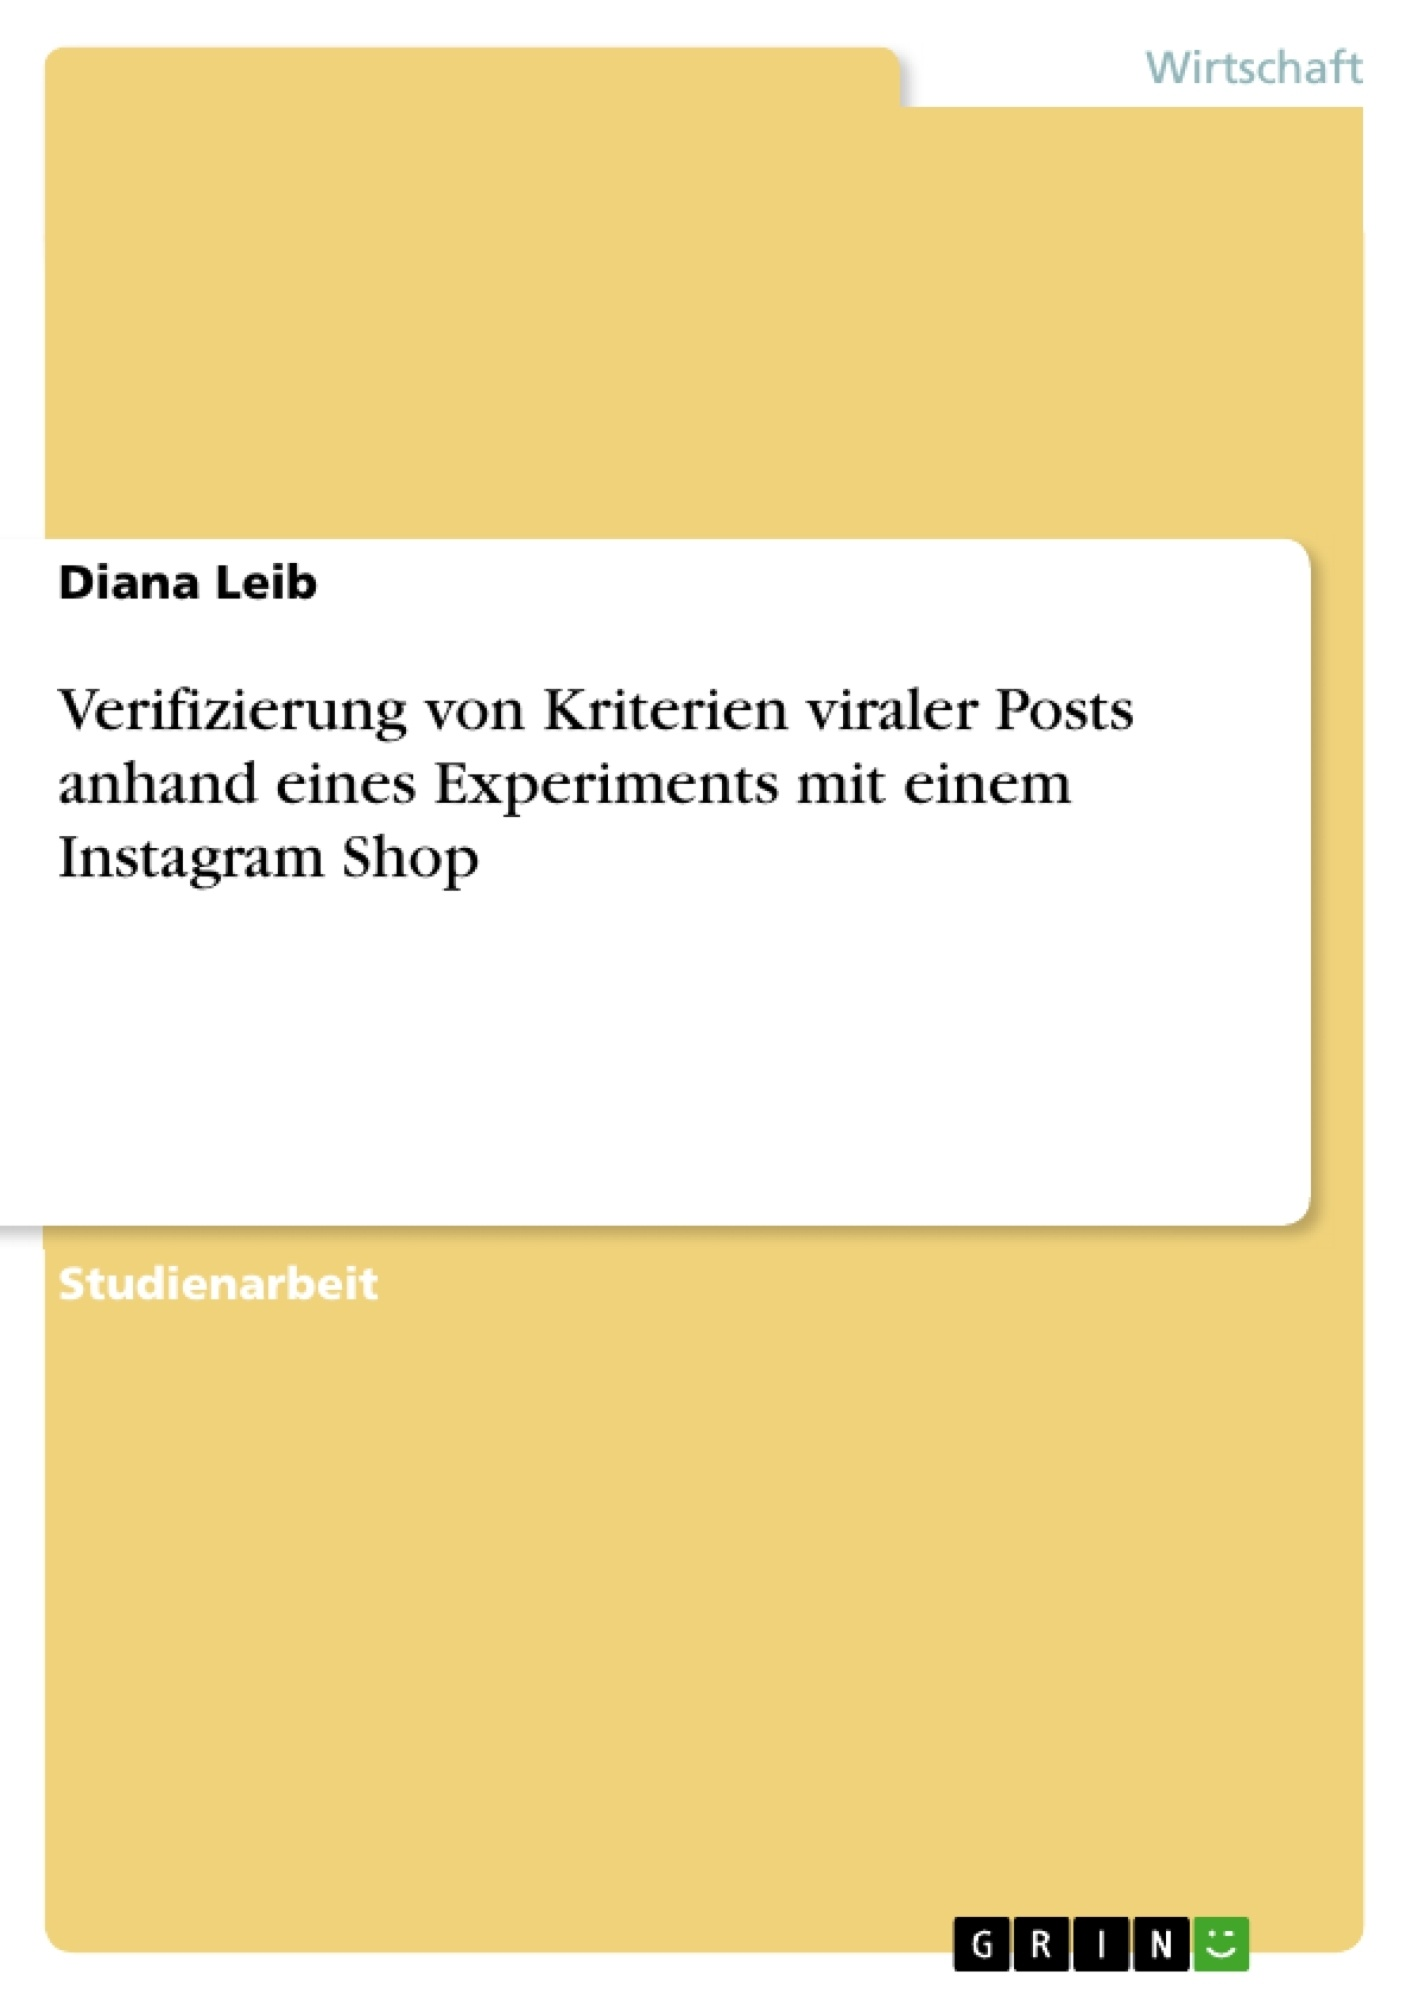 Titel: Verifizierung von Kriterien viraler Posts anhand eines Experiments mit einem Instagram Shop